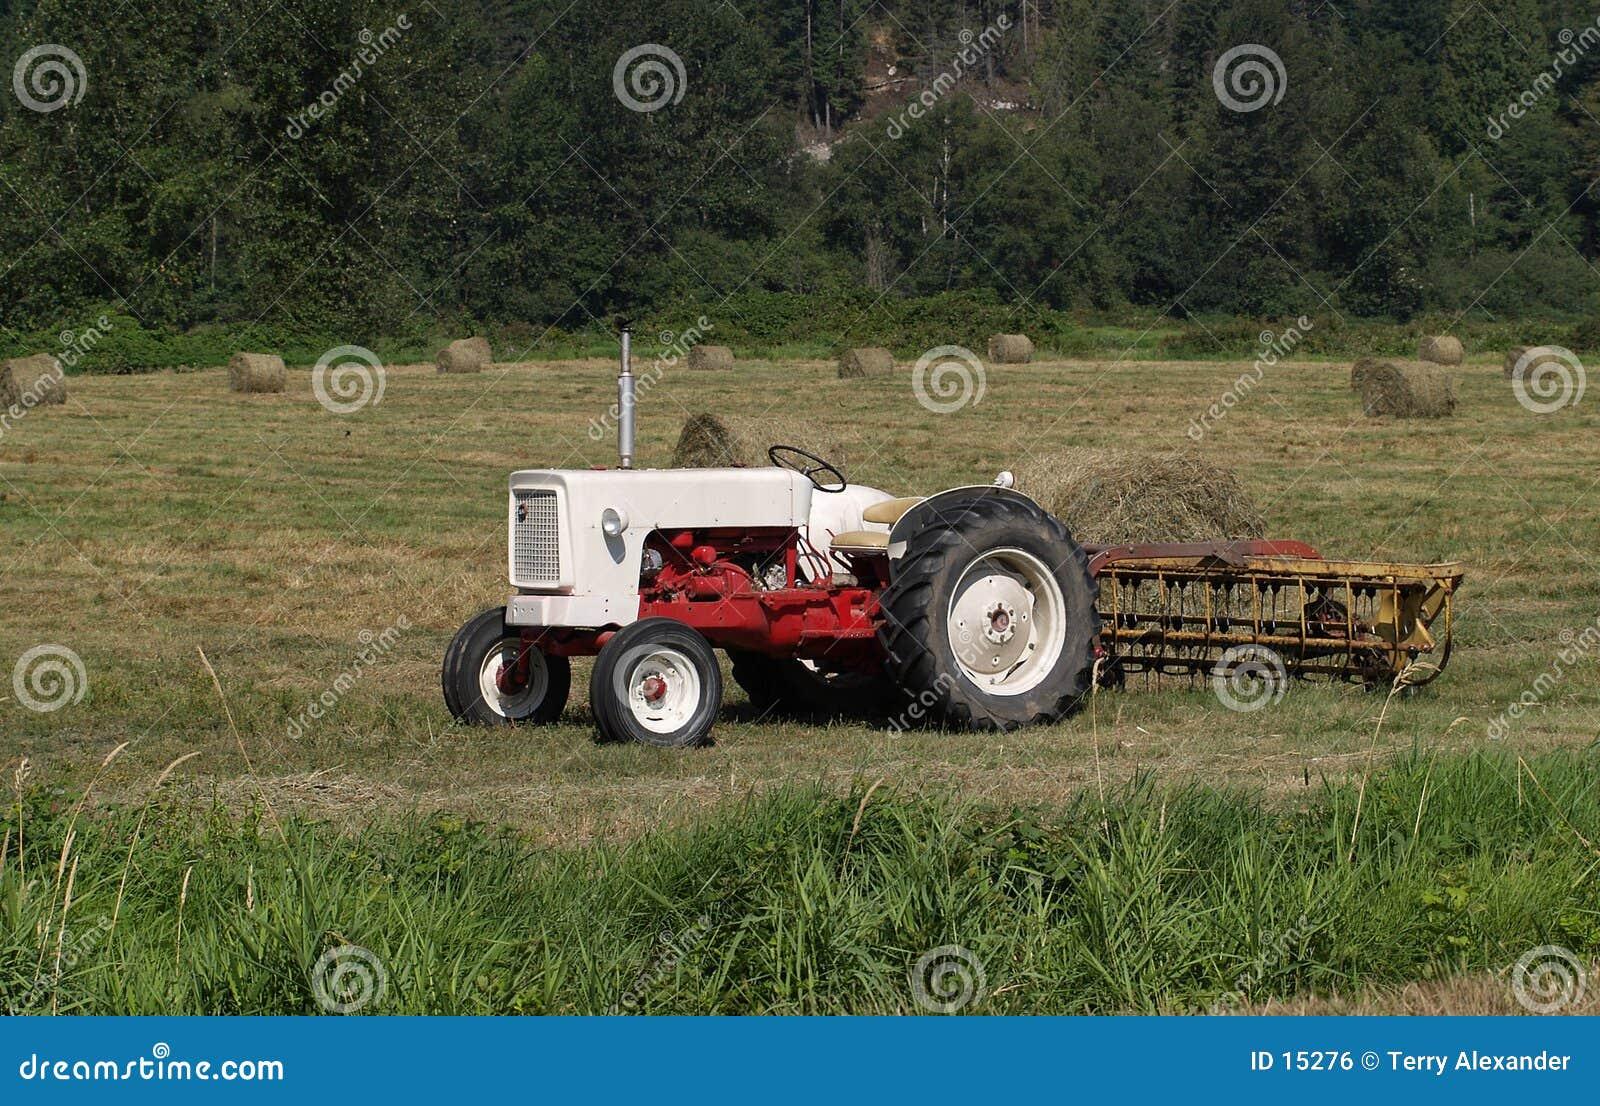 Tractor op hooigebied